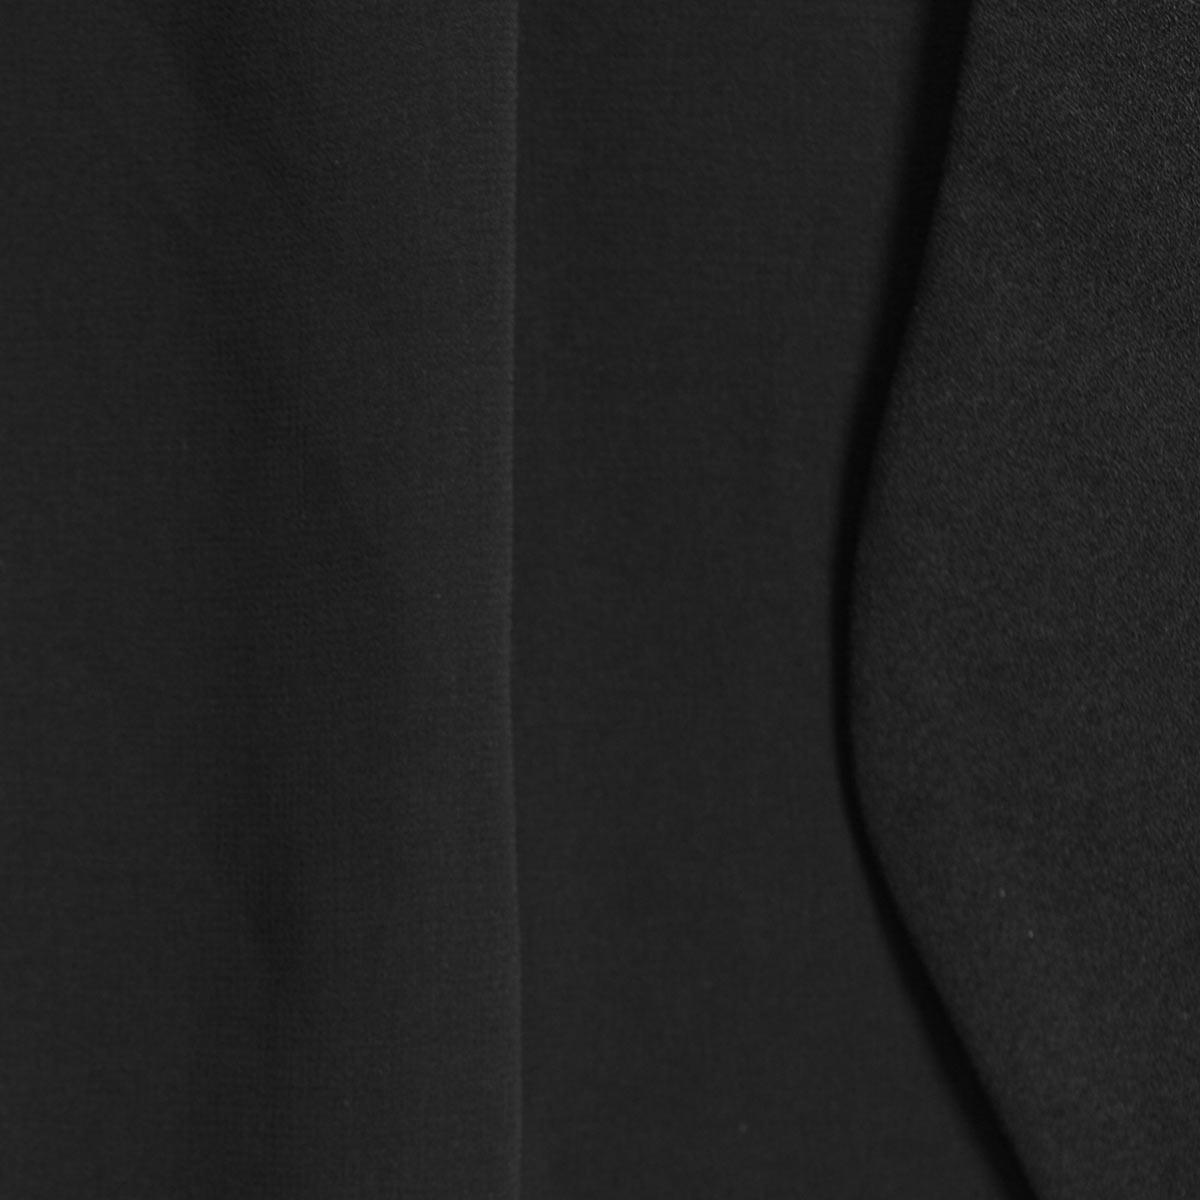 Блэйзер Luna Limited xf00242 LUNA ^@^ Осень 2012 Облегающий покрой Укороченный рукав Классический рукав